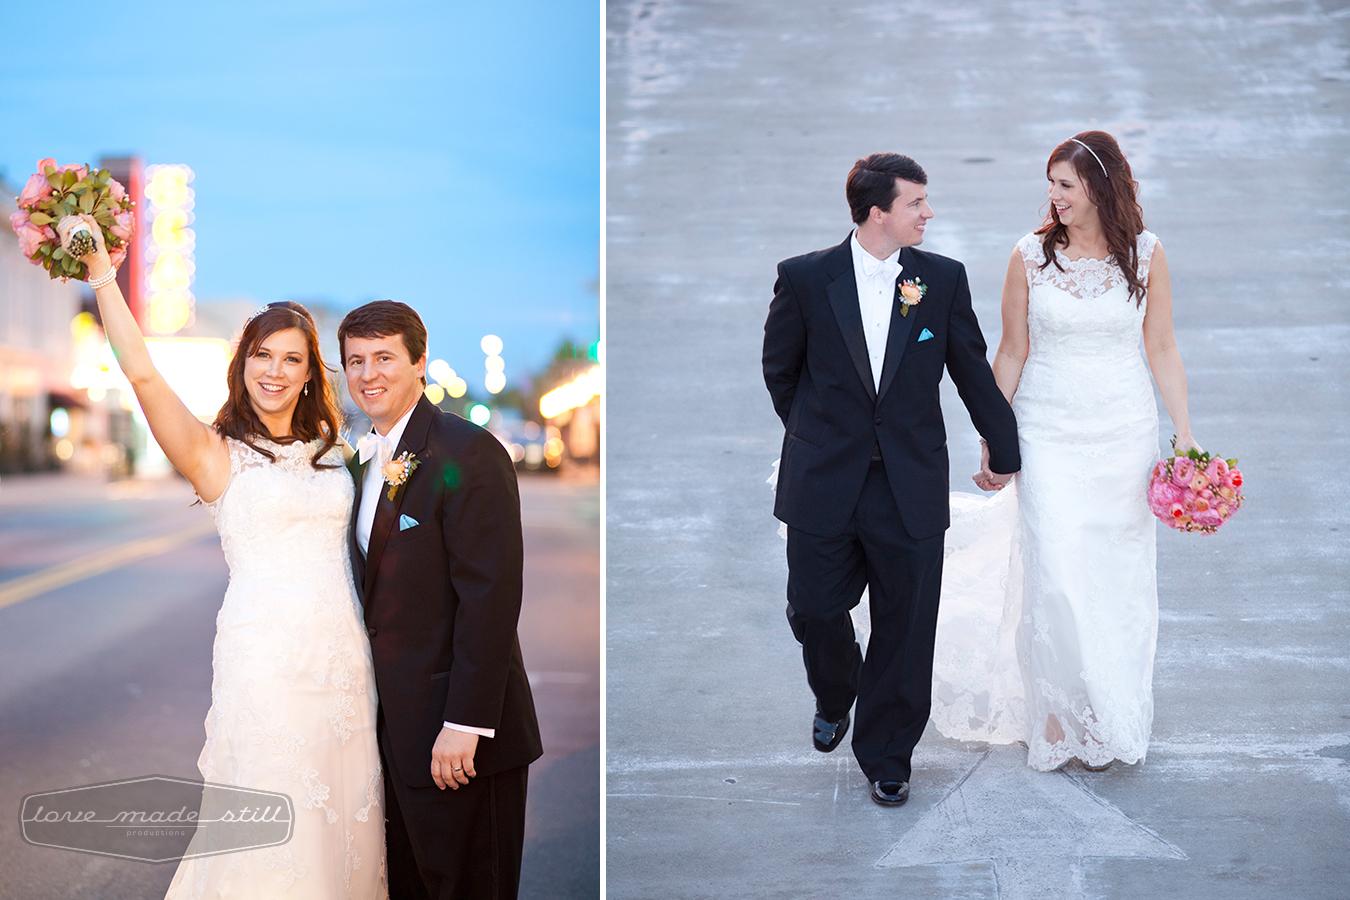 Candid portraits captured of wedding couple